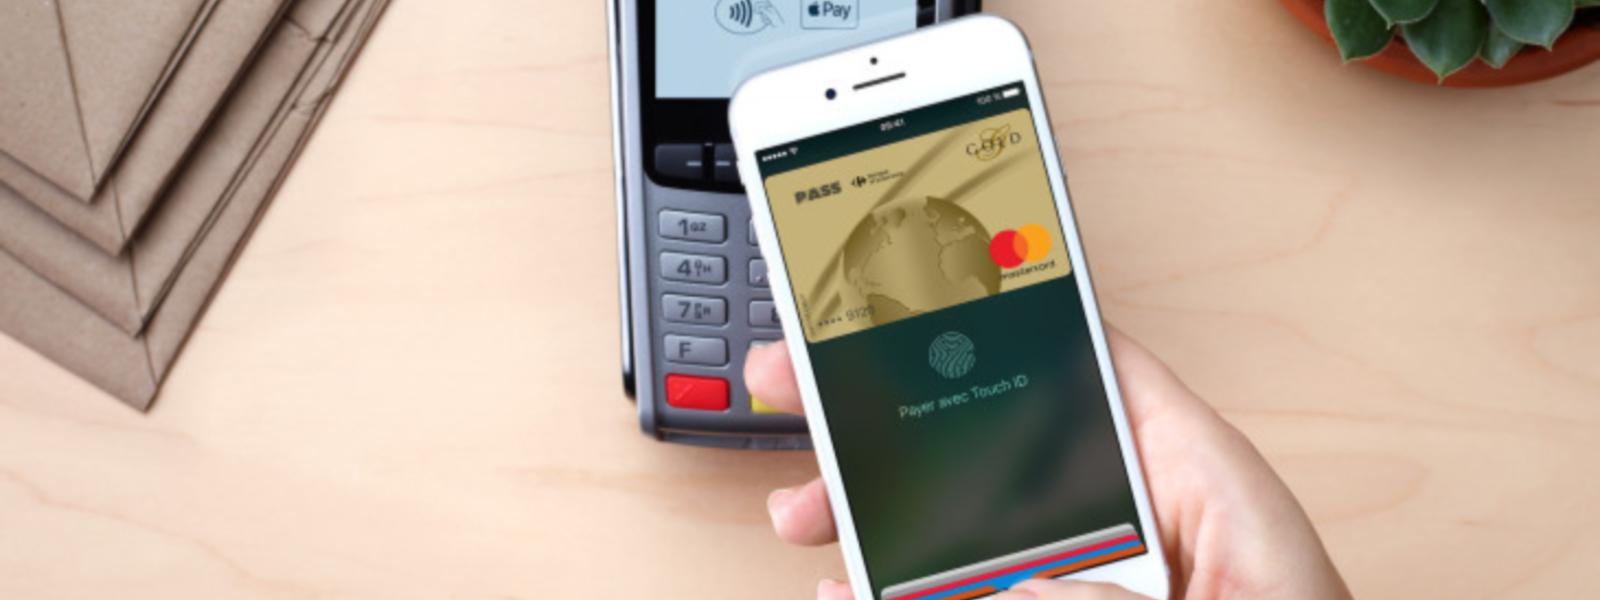 Apple Pay już w Polsce! Jak korzystać?